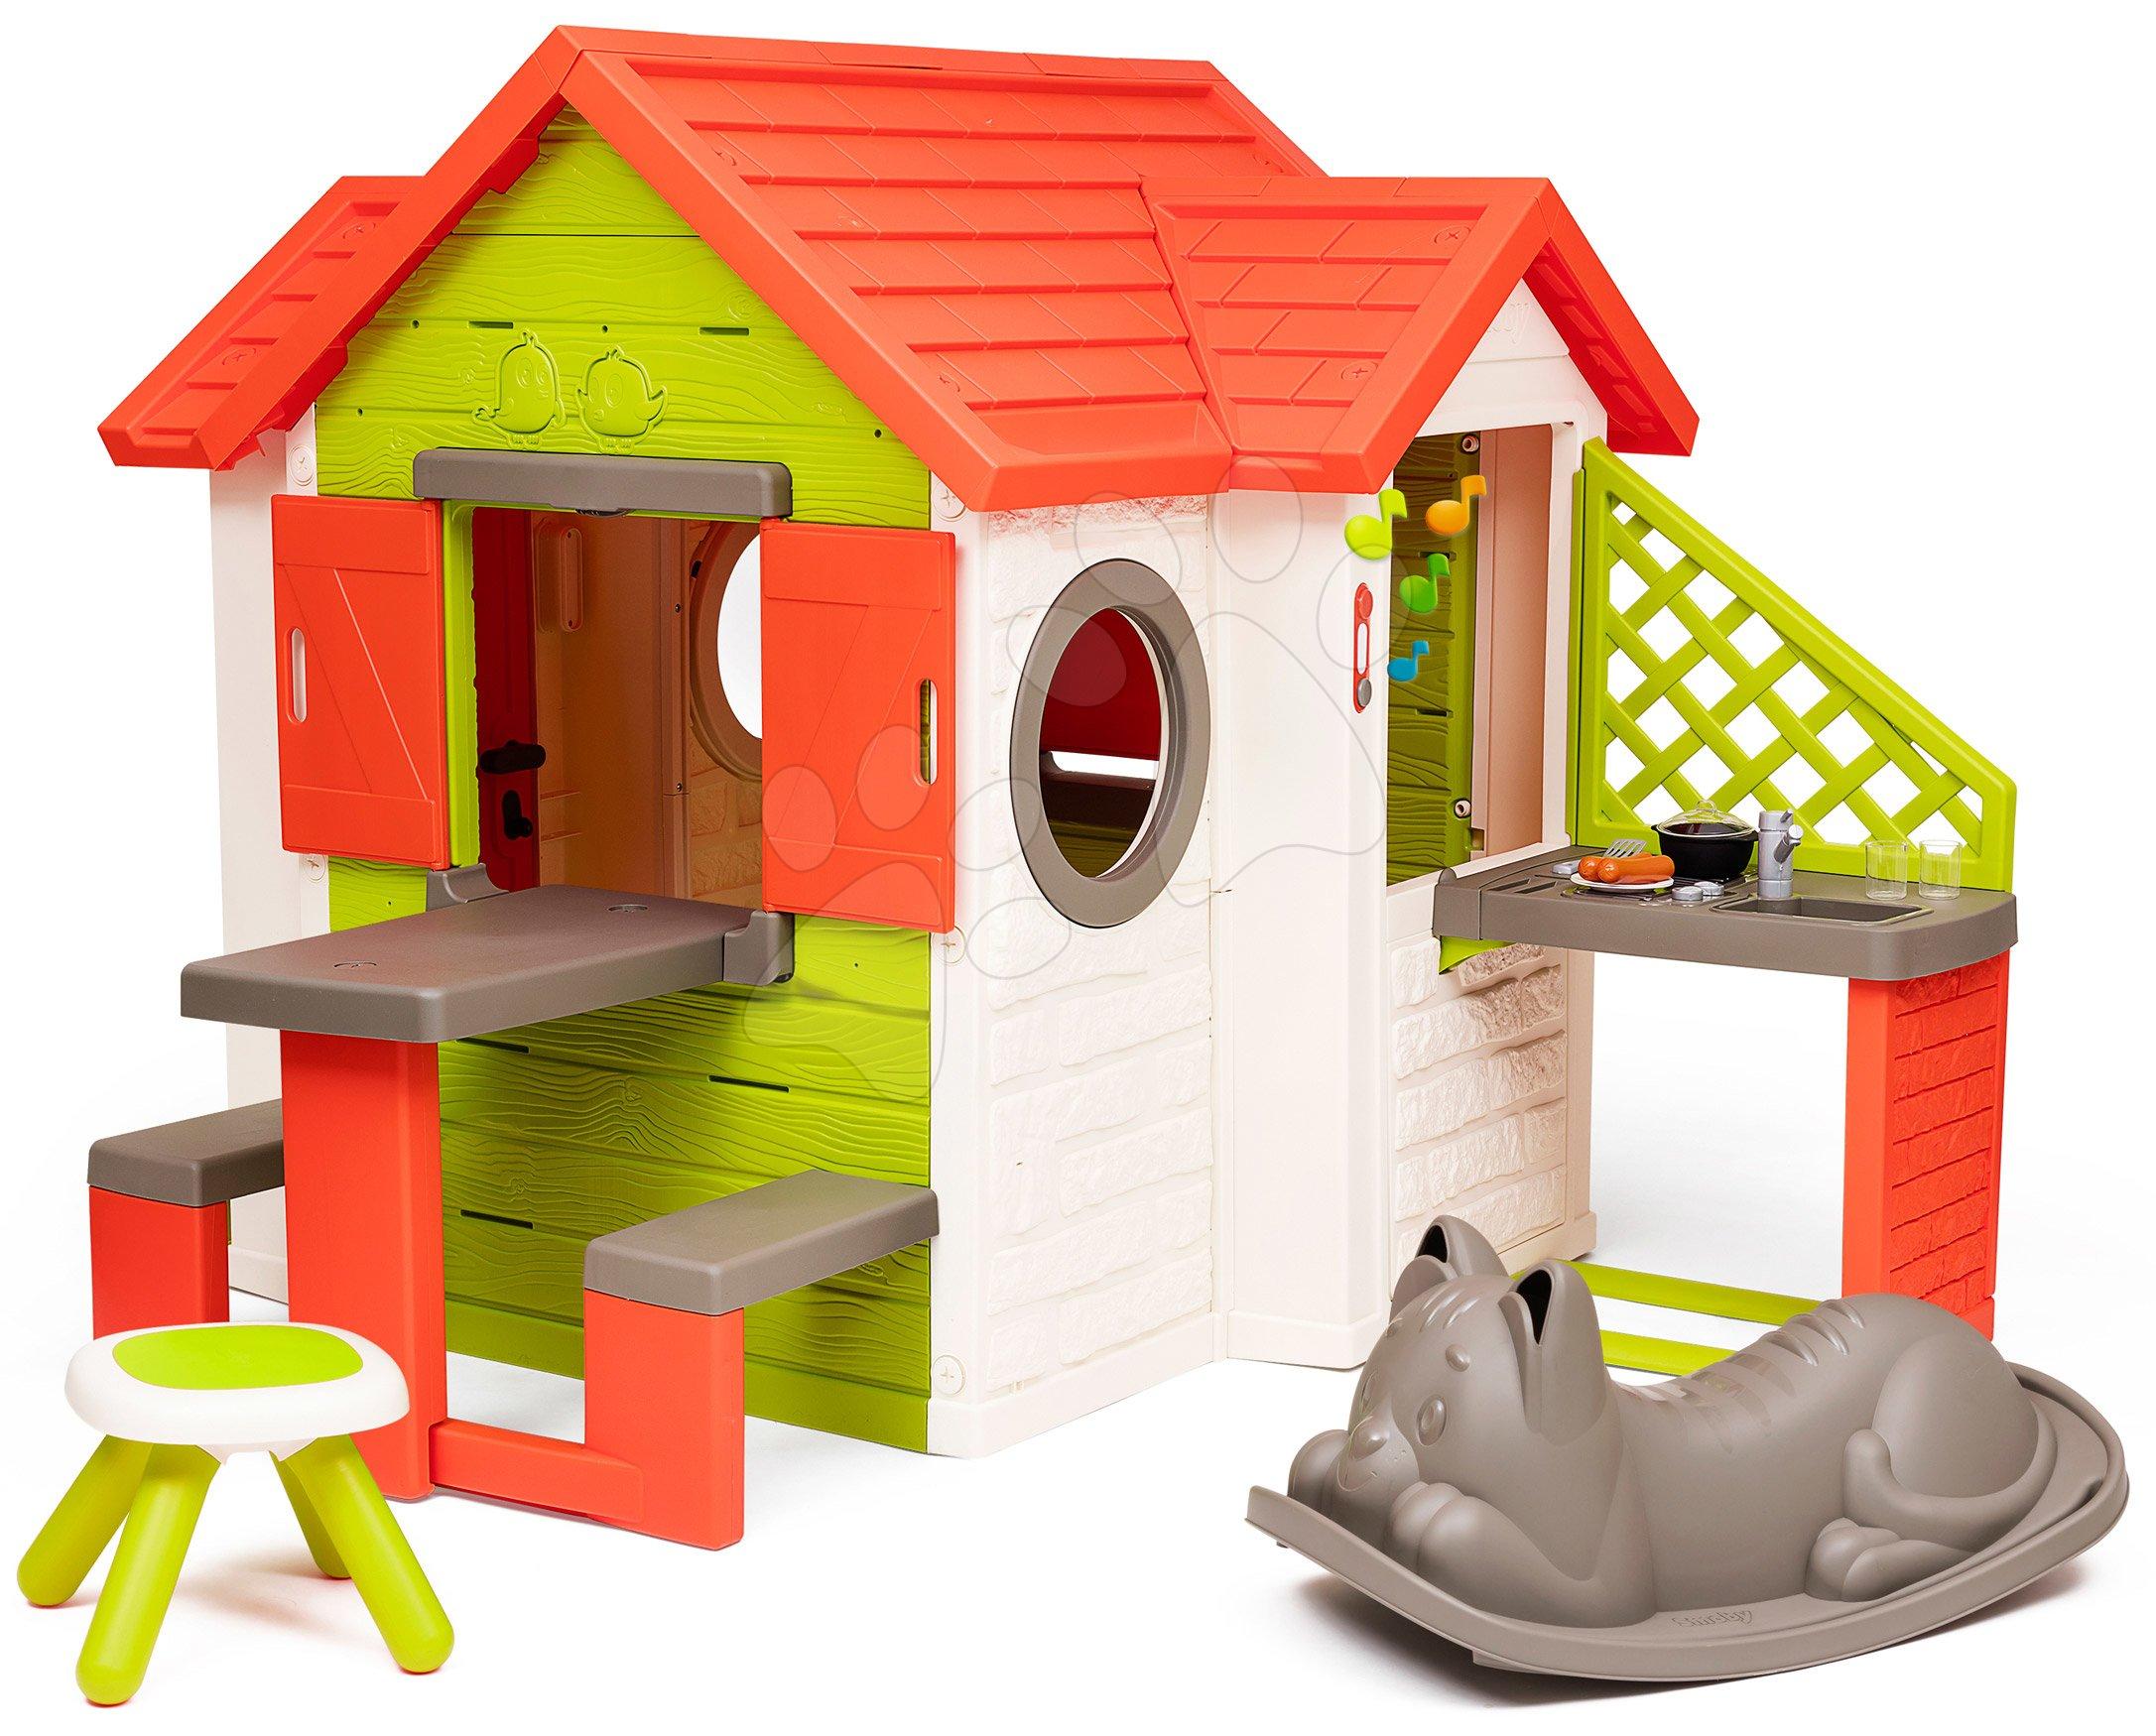 Căsuță My Neo House DeLuxe Smoby varianta extinsă cu balansoar și taburet